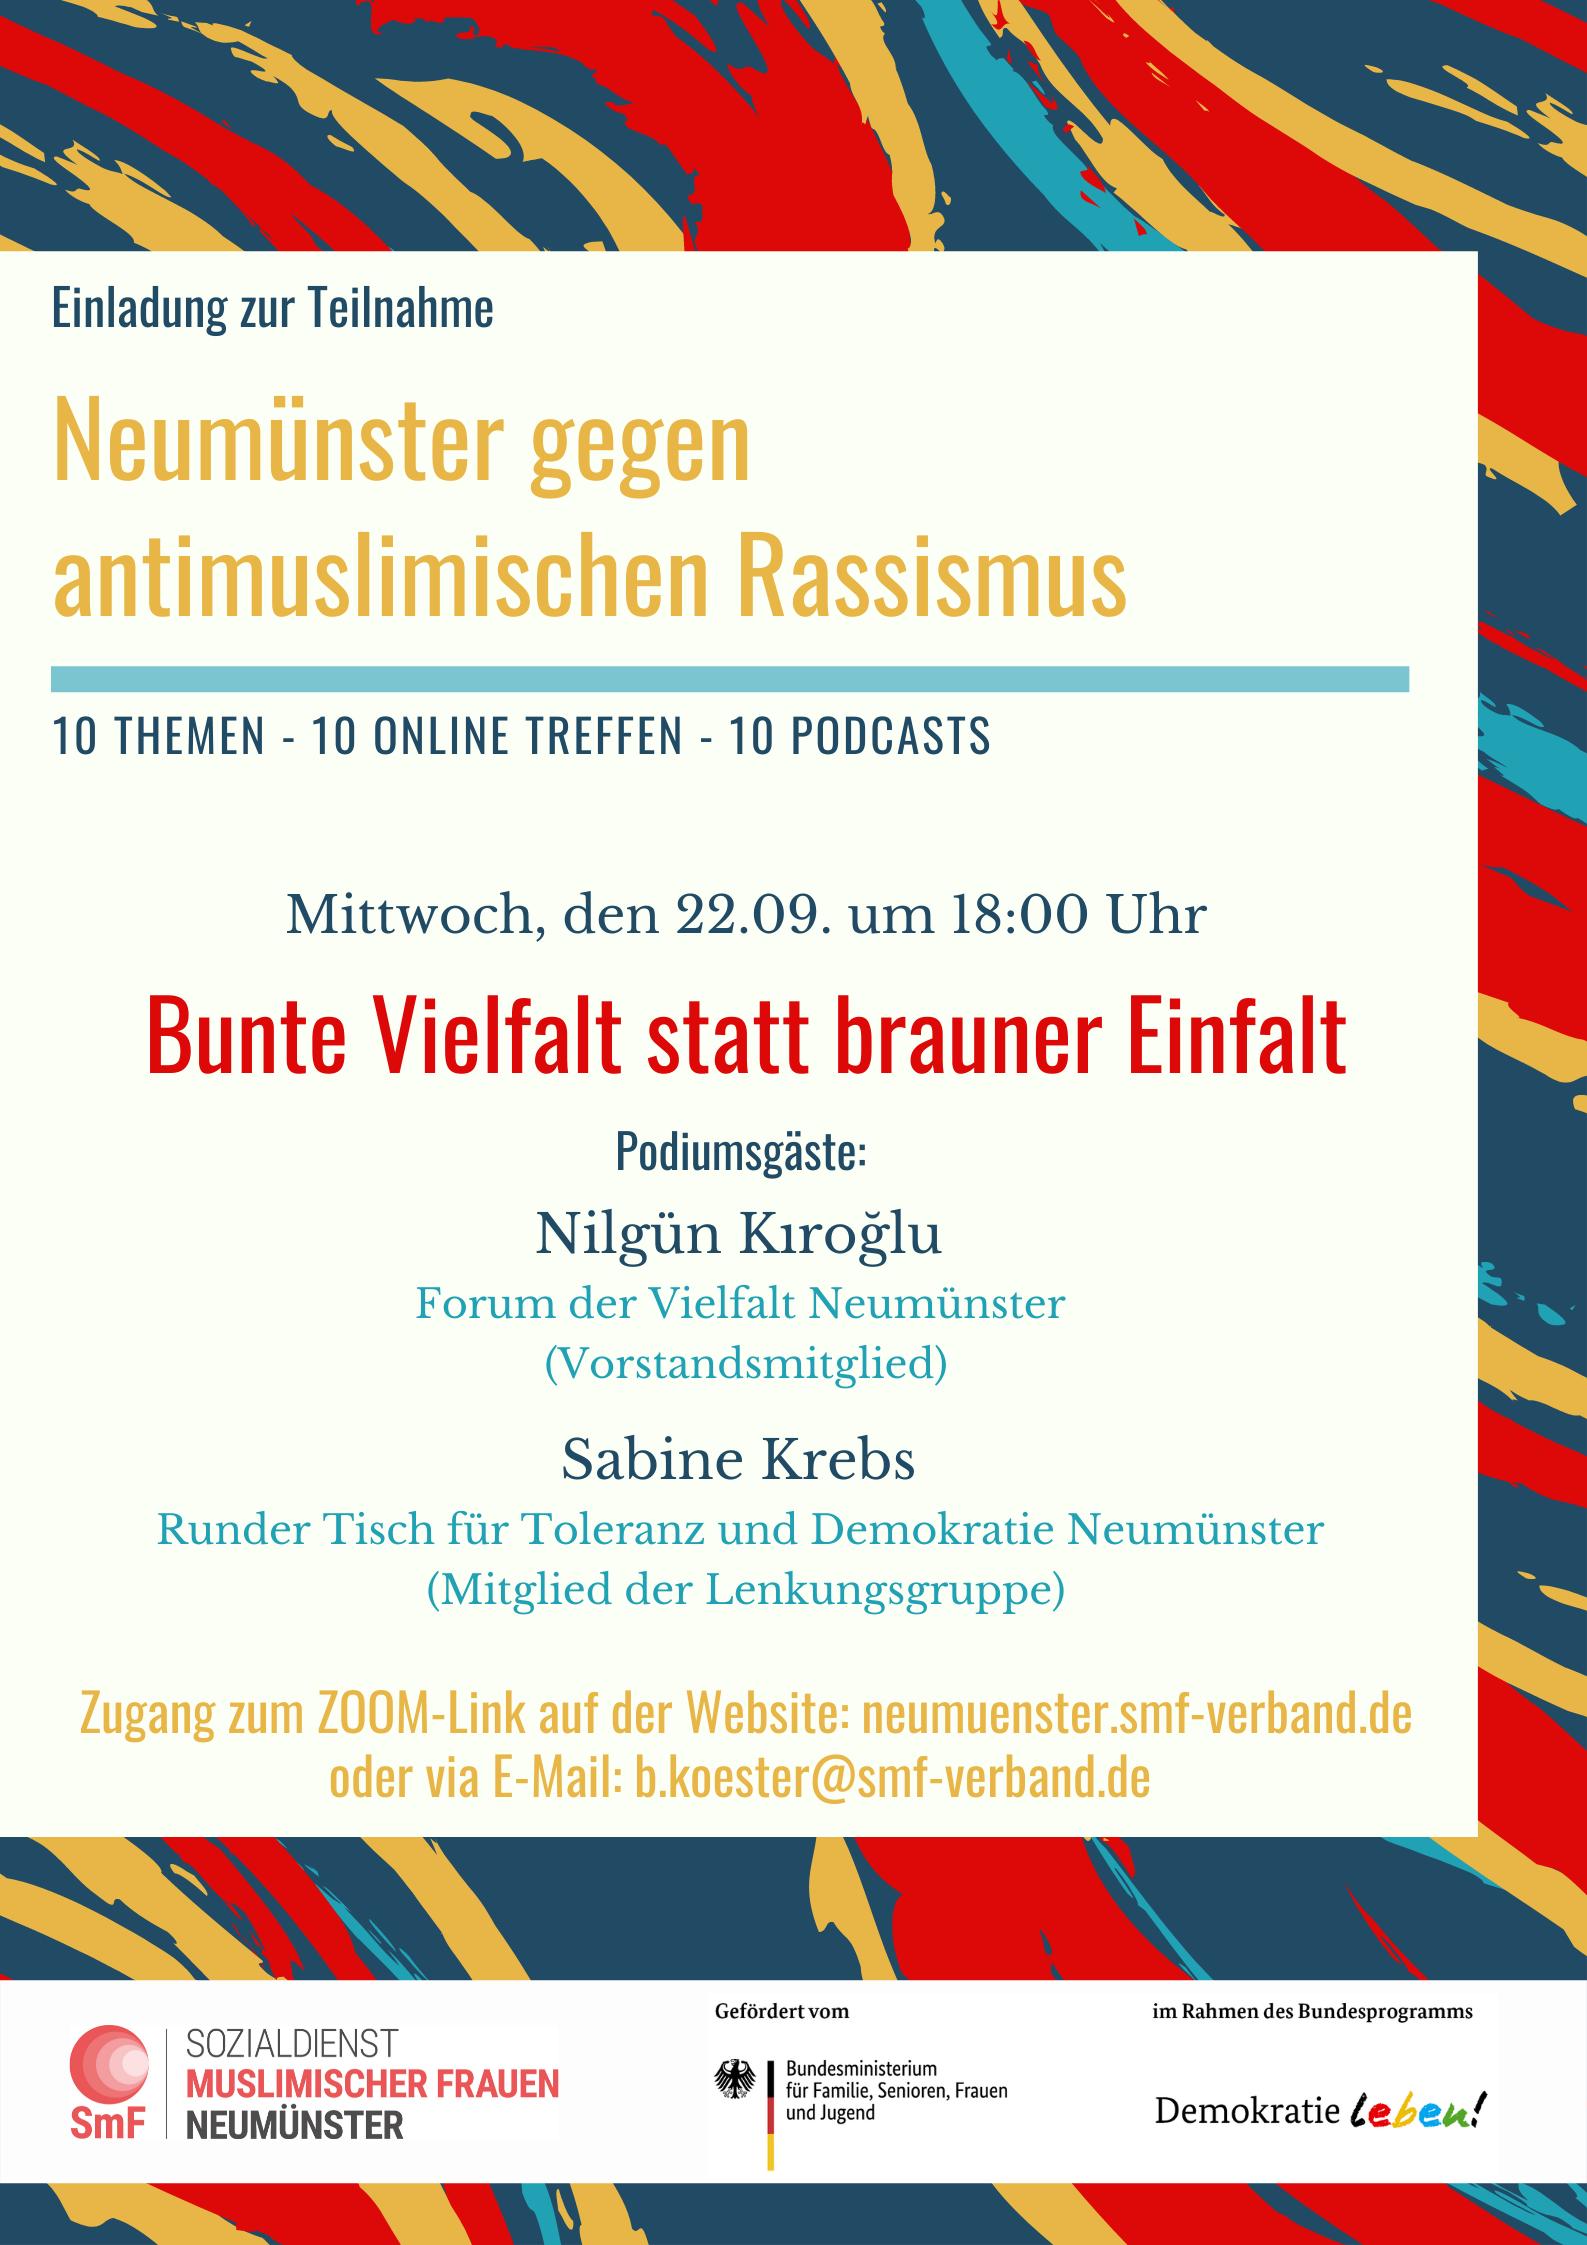 """Einladung zur Online-Veranstaltung """"Bunte Vielfalt statt brauner Einfalt"""""""